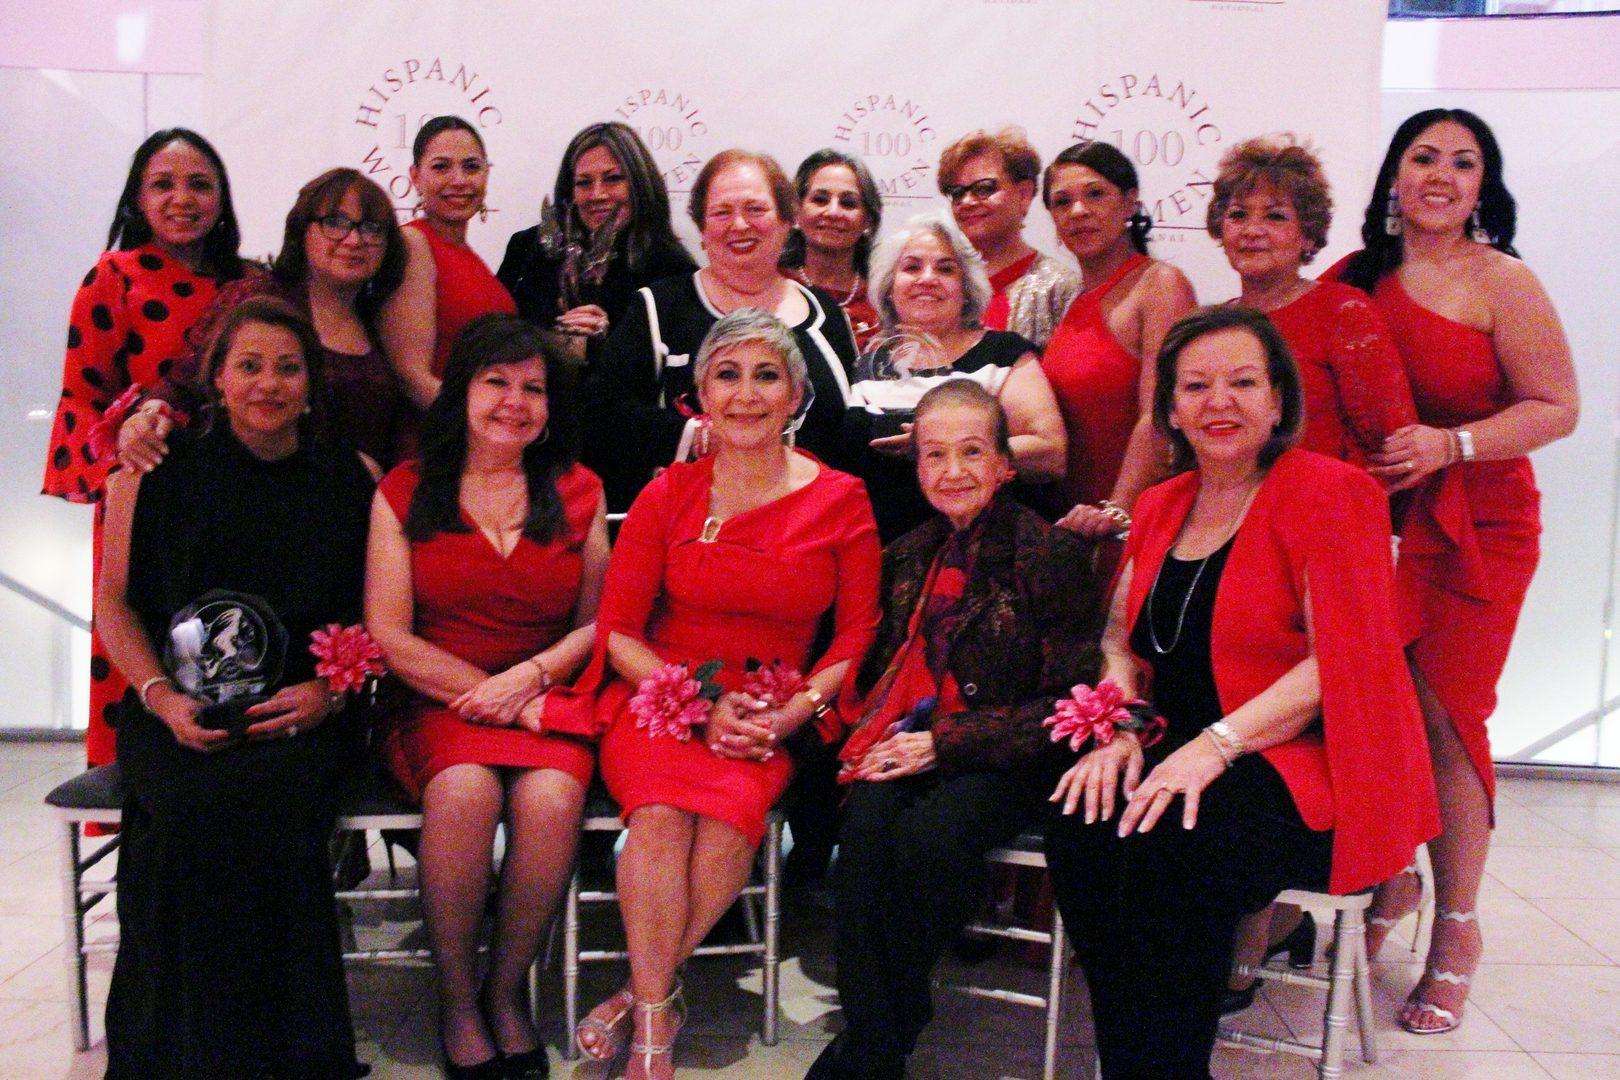 Women wearing red apparel